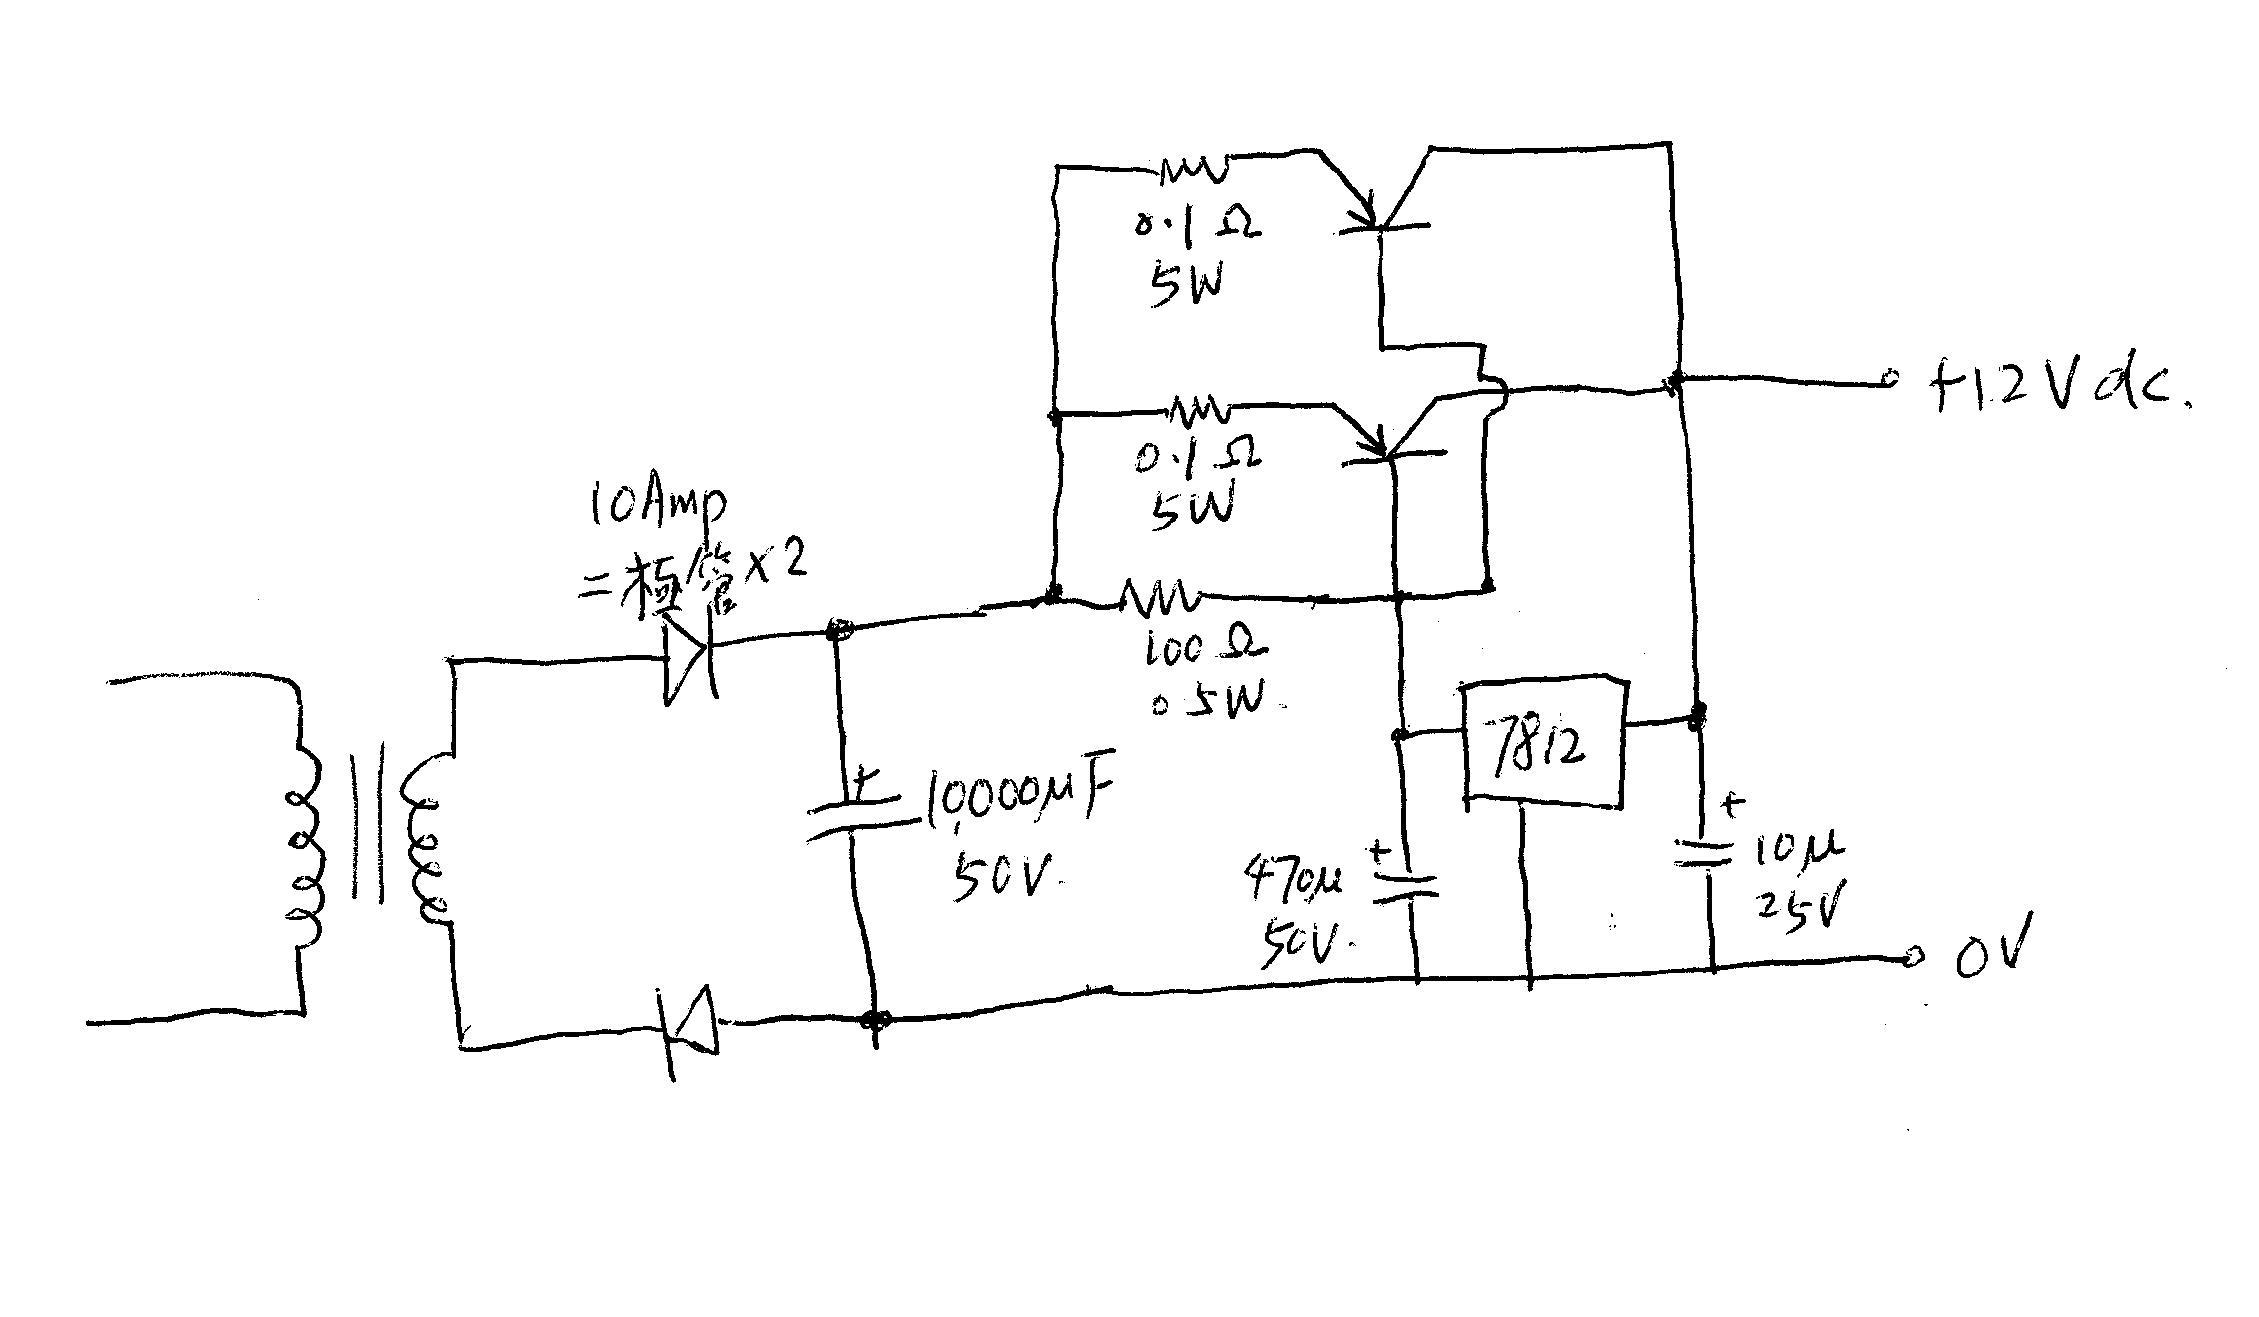 求大功率稳压电路图,输入电压20v-40v ,输出13.5v到14